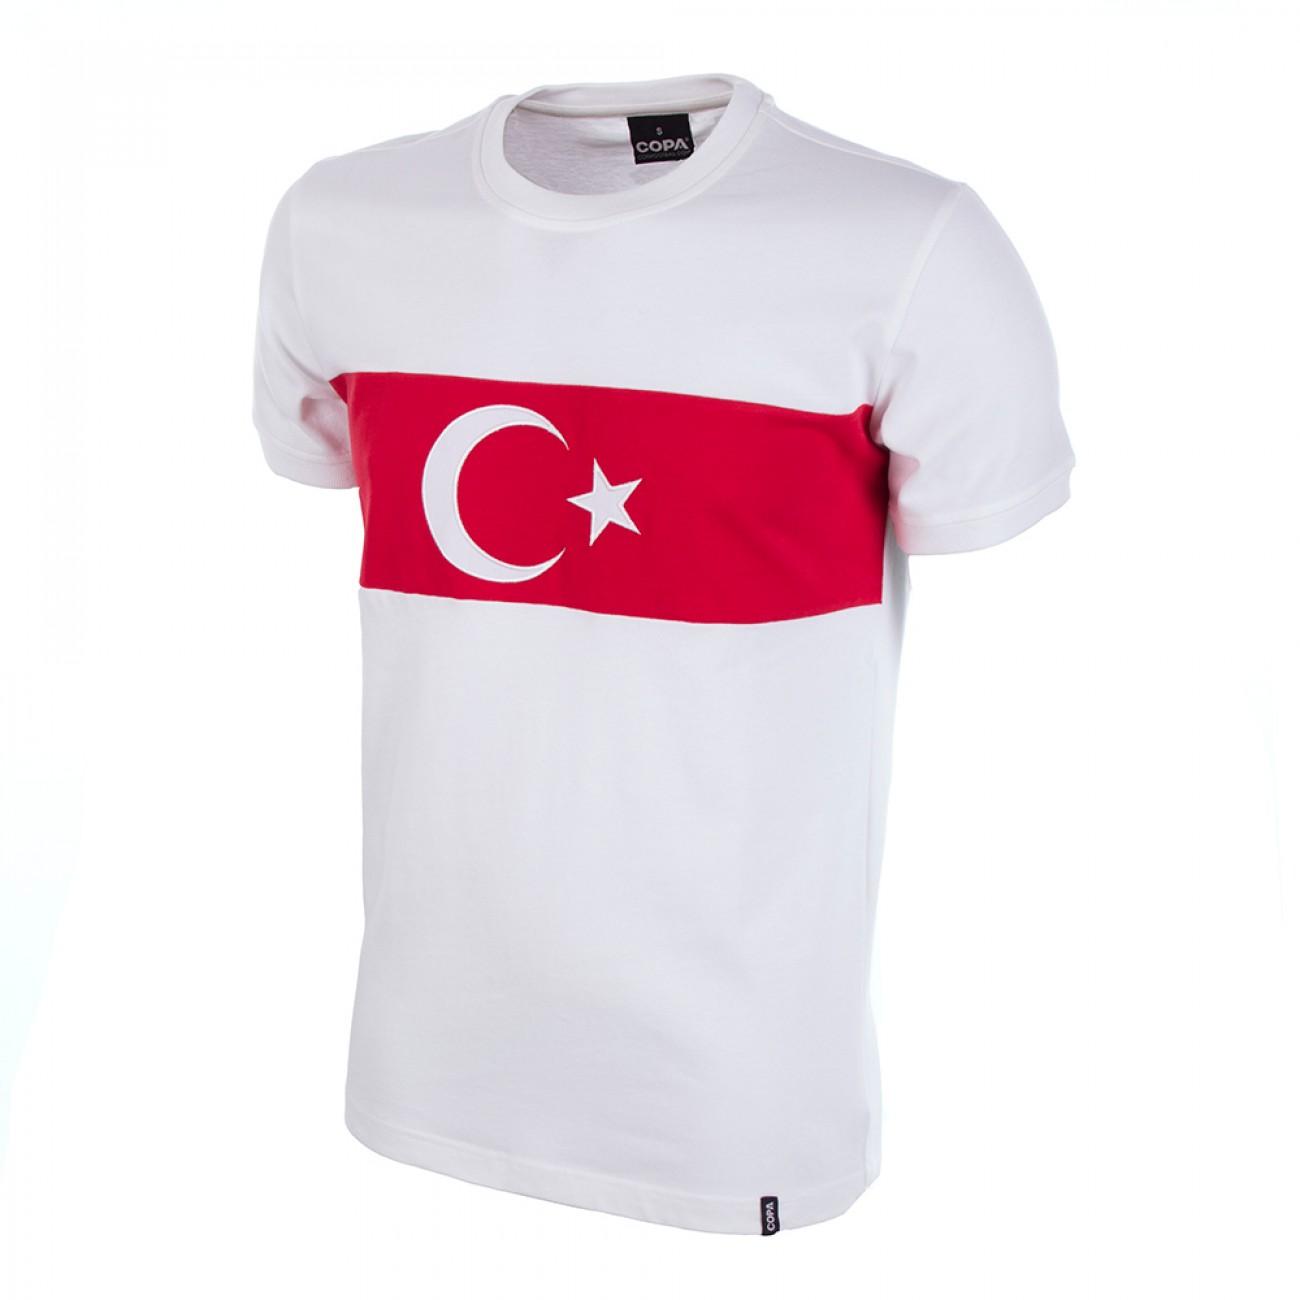 http://www.retrofootball.es/ropa-de-futbol/camiseta-turquia-a-os-70.html